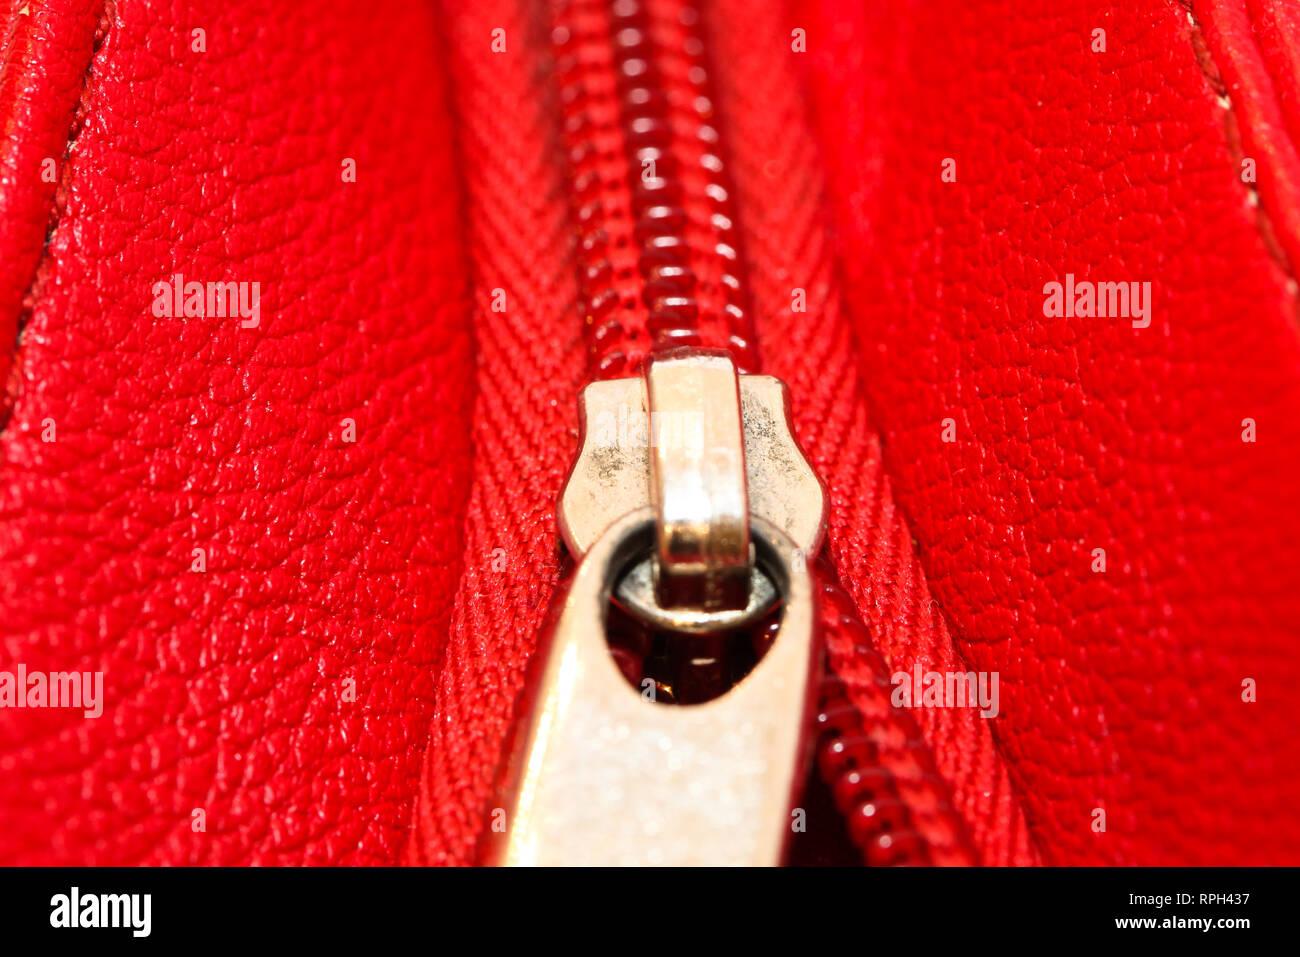 Amarillo Rosa Roja Metal Abierta Cremalleras Vestido Pantalones Abrigo Bolsa cremalleras Fijaciones